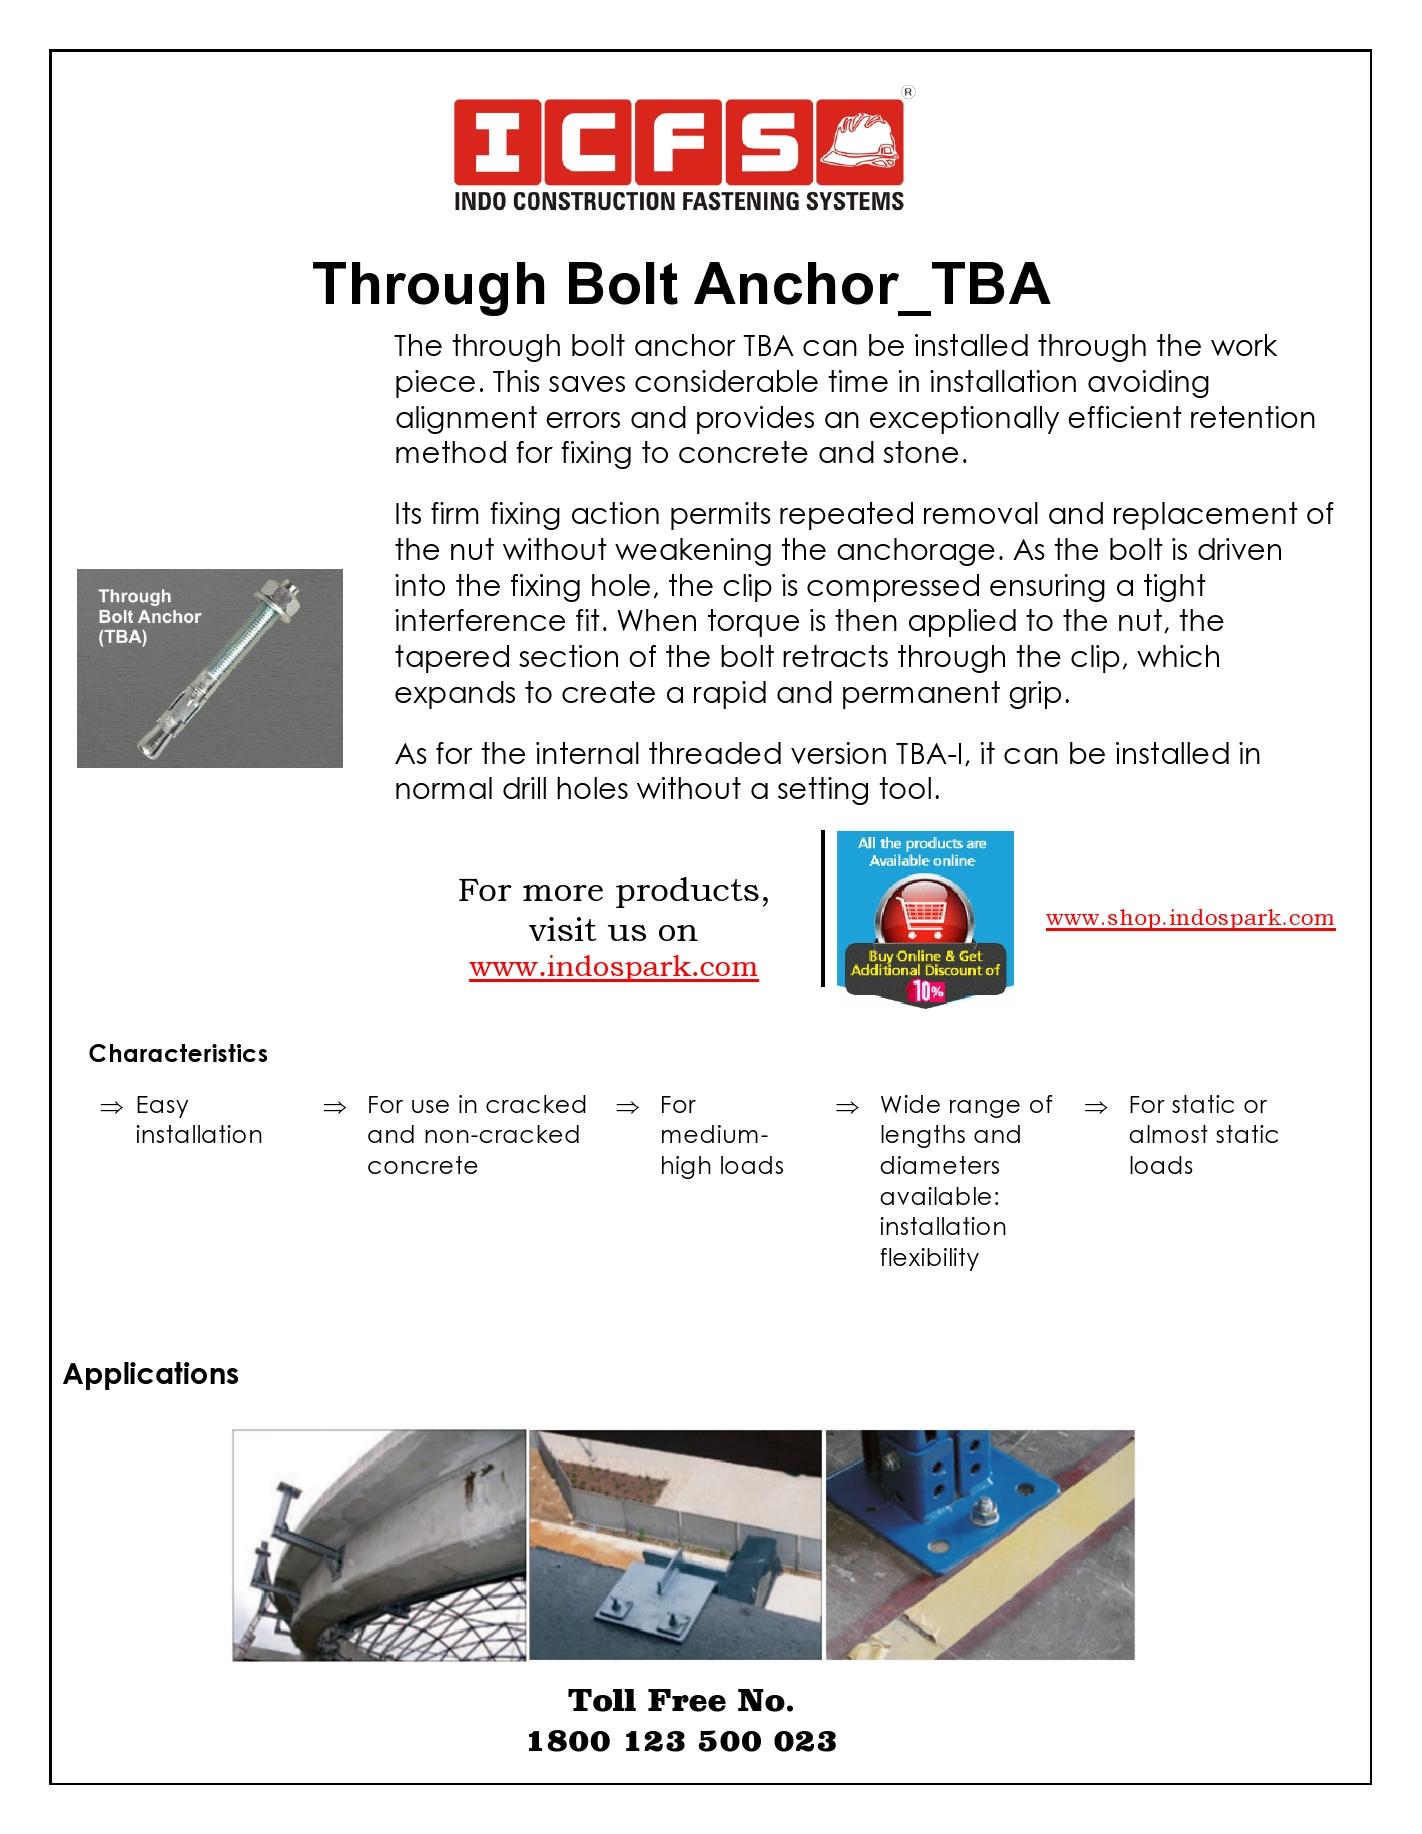 Through Bolt Anchor_TBA